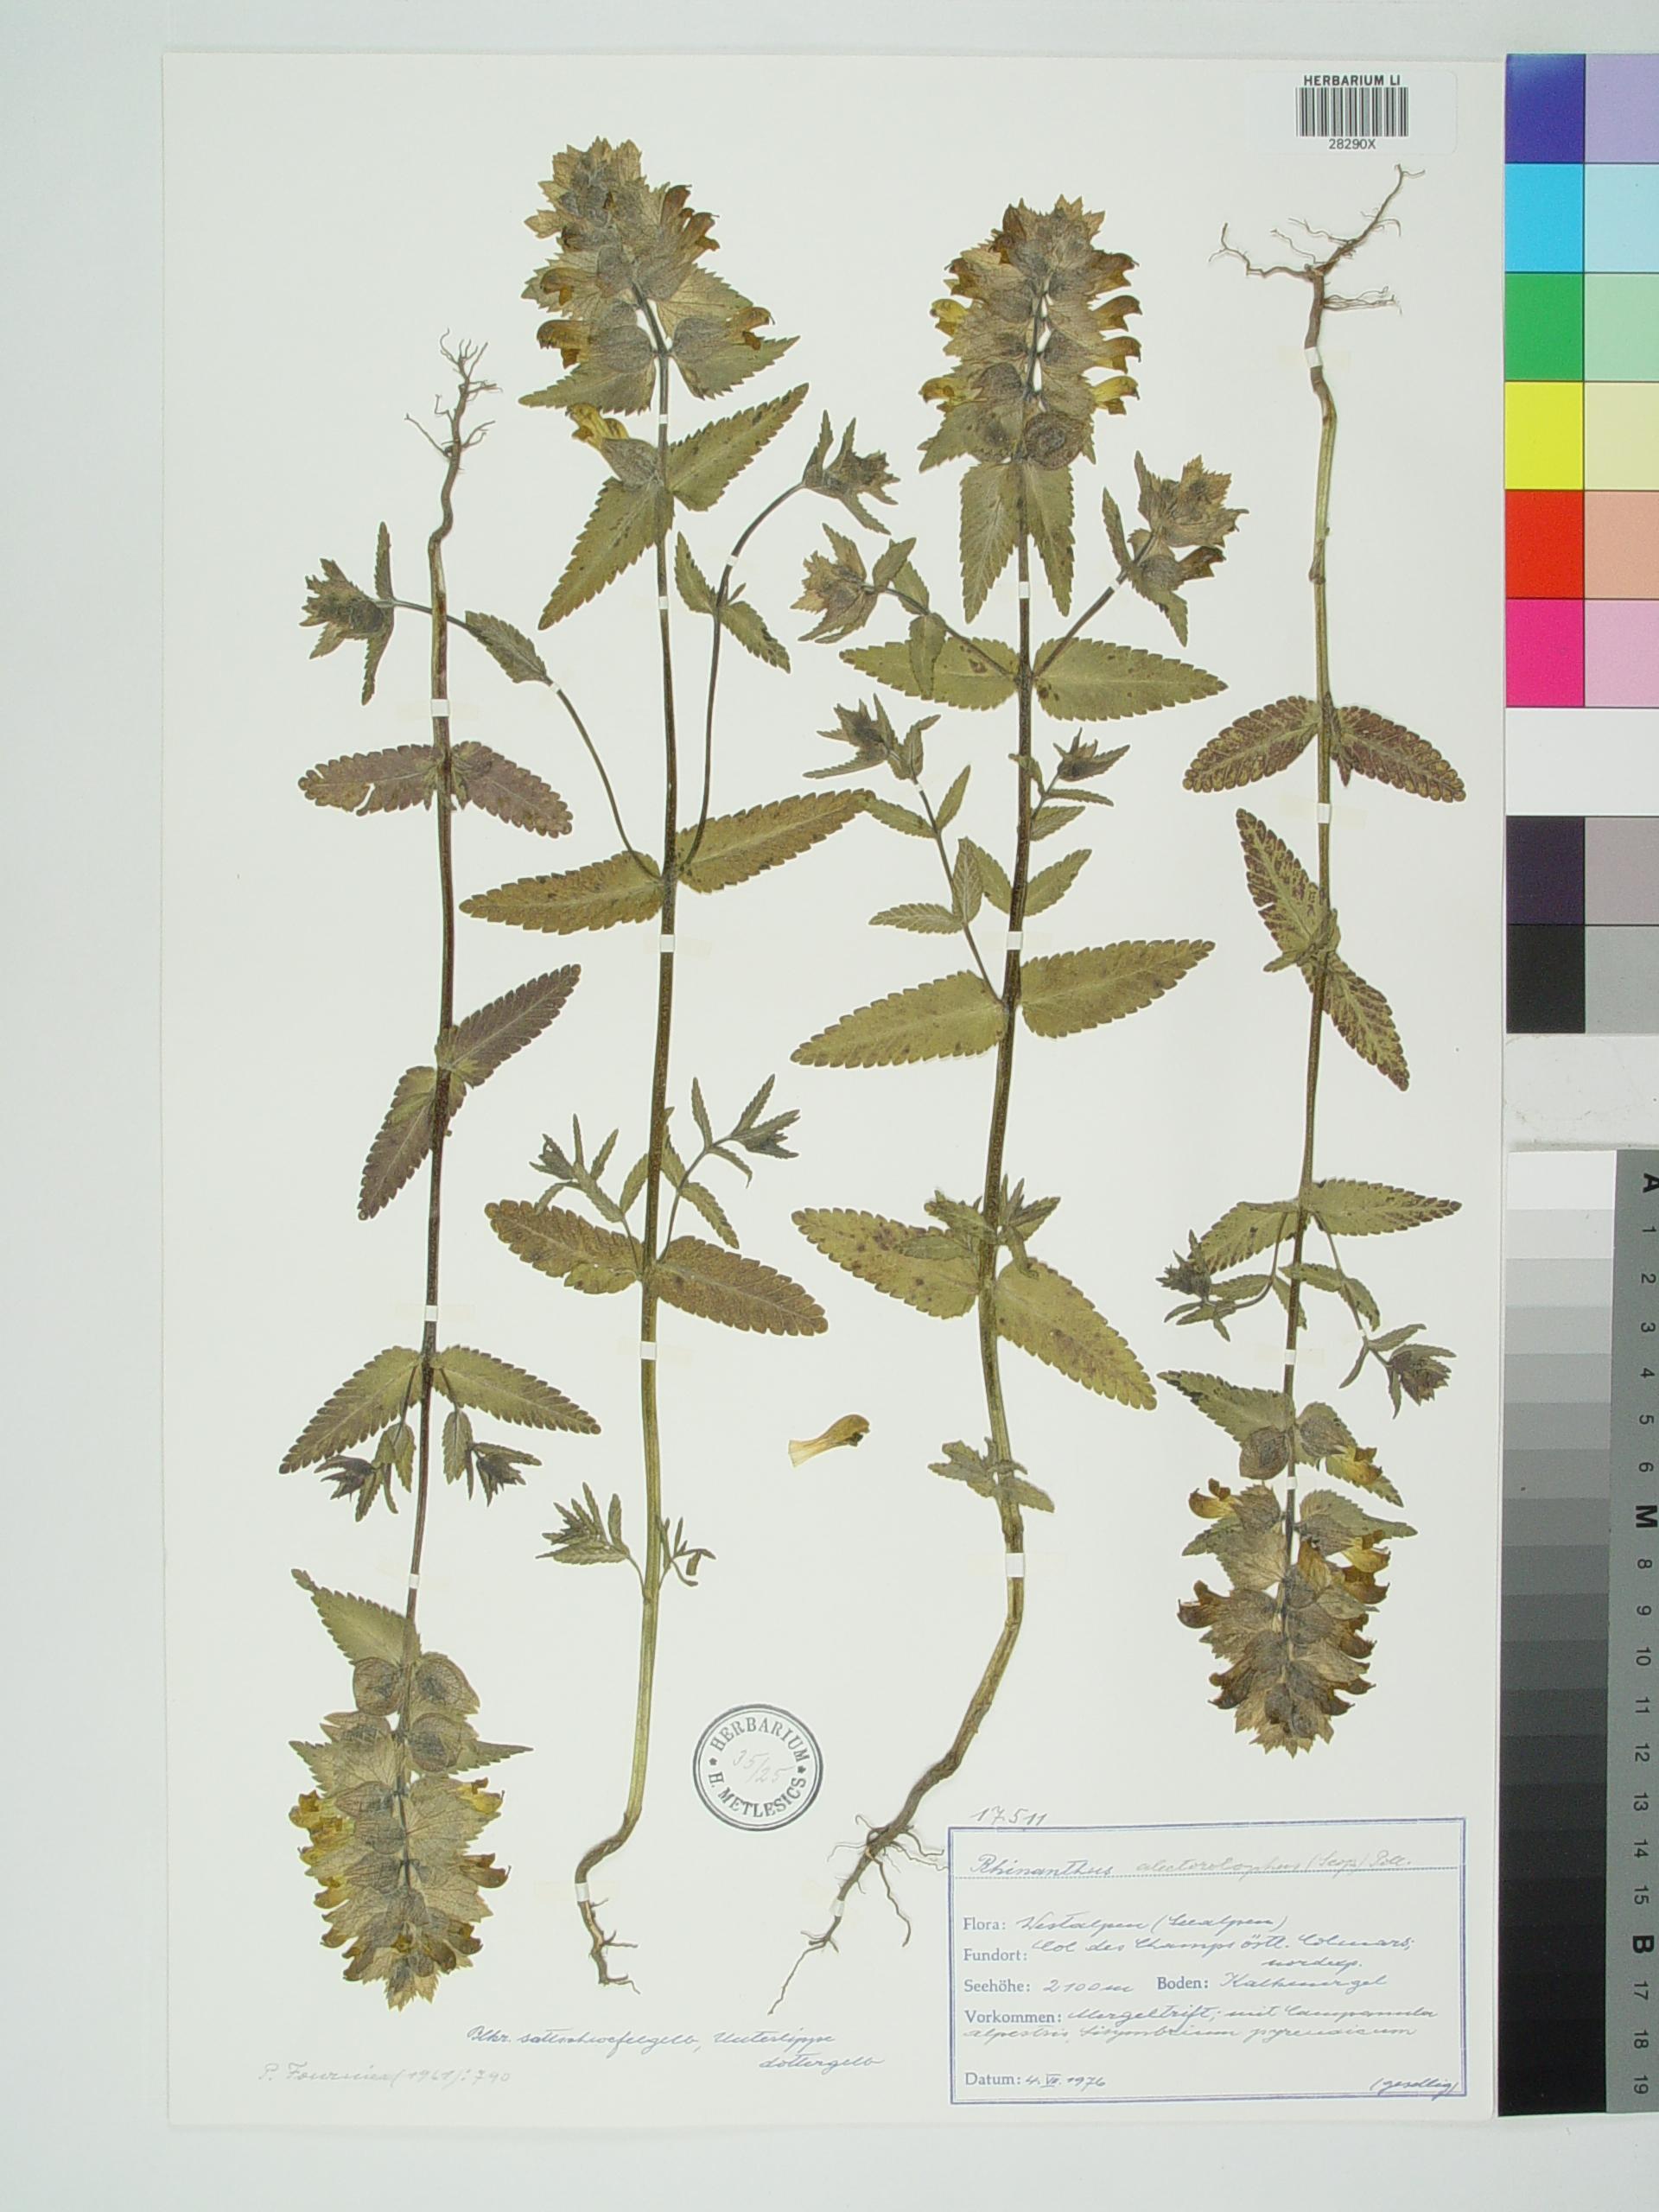 © Biologiezentrum der Oberoesterreichischen Landesmuseen  Rights: CC BY-SA  Identifier: BIOZOOELM - ZOBODAT - 100299079  Source: ZOBODAT (Zoological Botanical Database)<br>